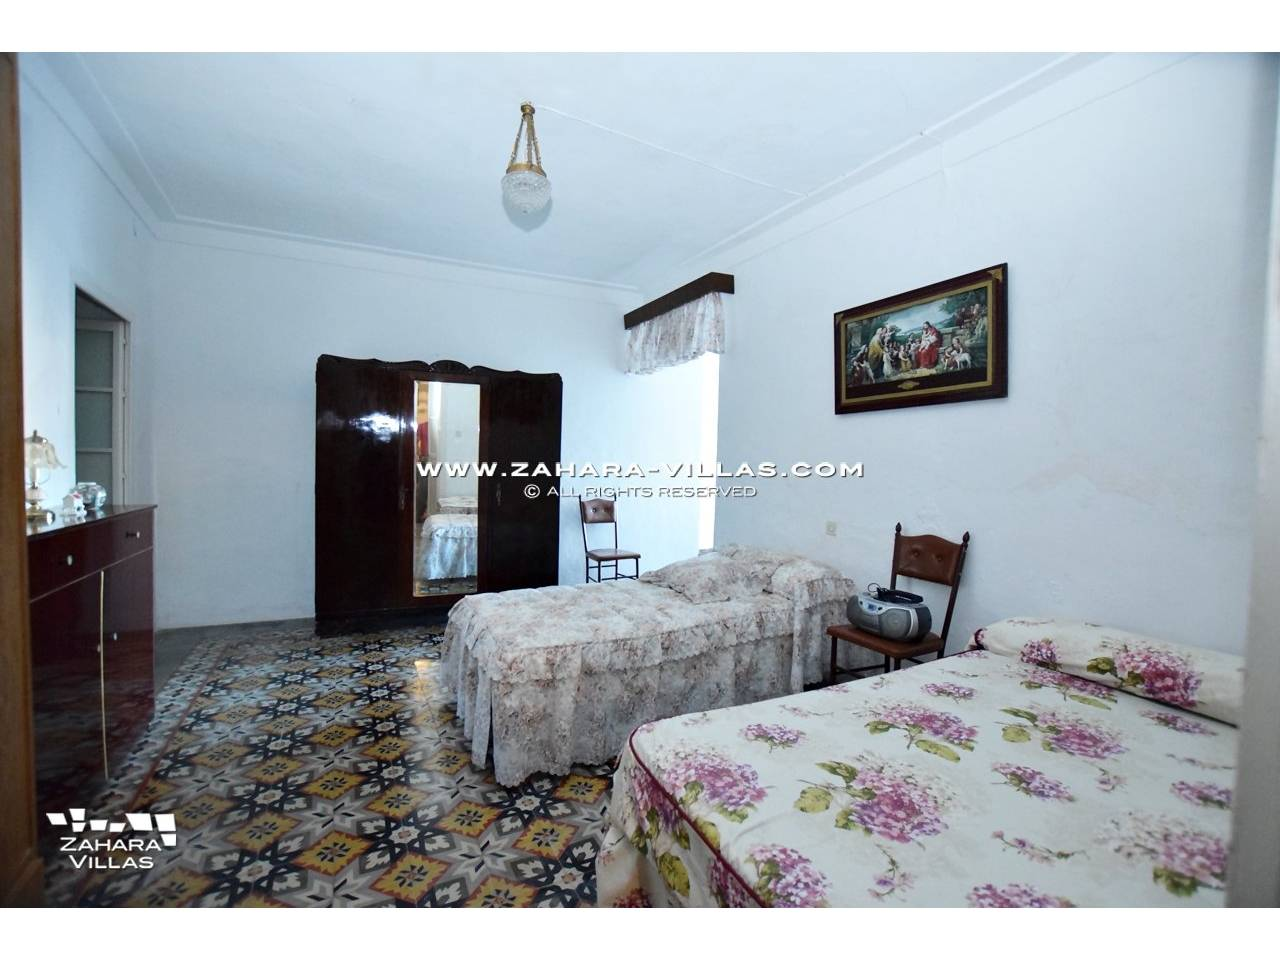 Imagen 15 de Historic buildings for sale in Vejer de la Frontera are sold